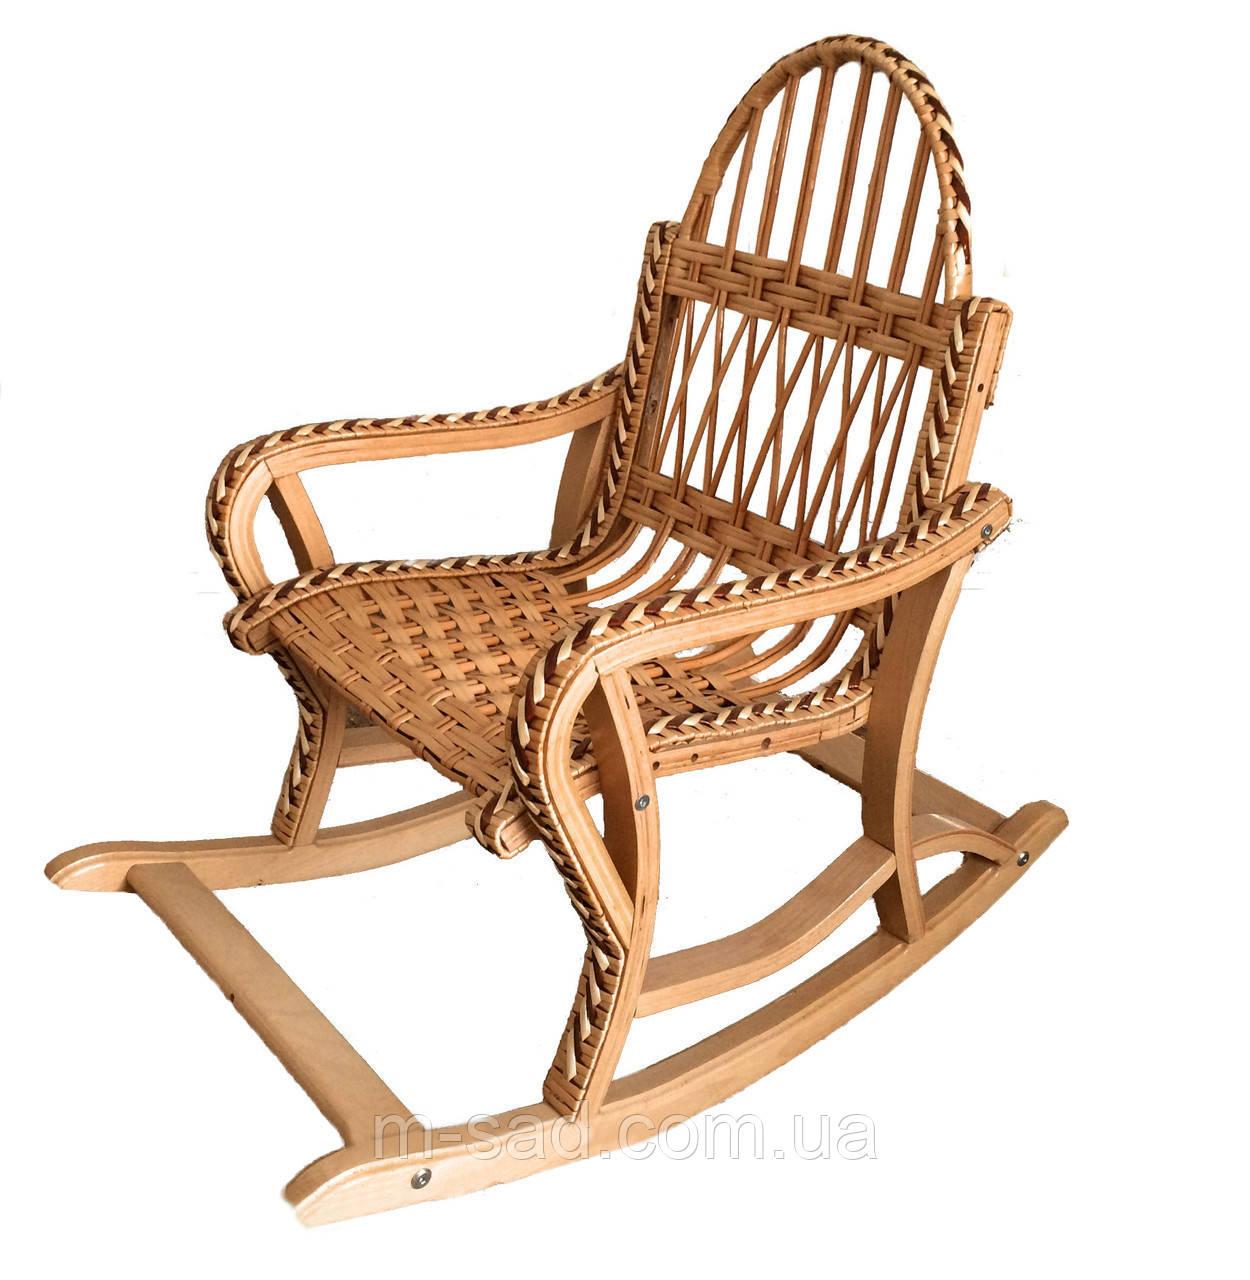 Кресло качалка плетеное для детей складное (разборное)